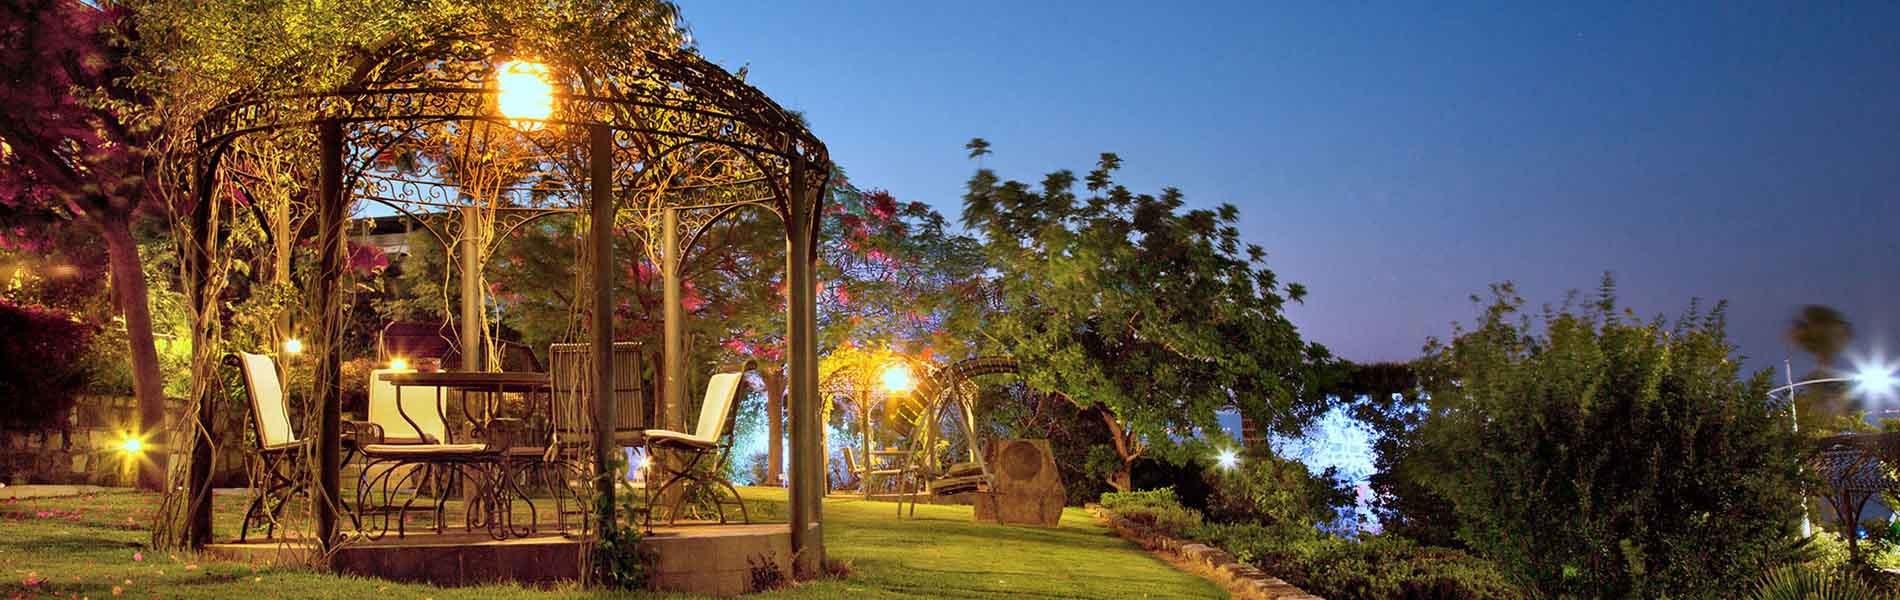 Scots Hotel - Outdoor garden